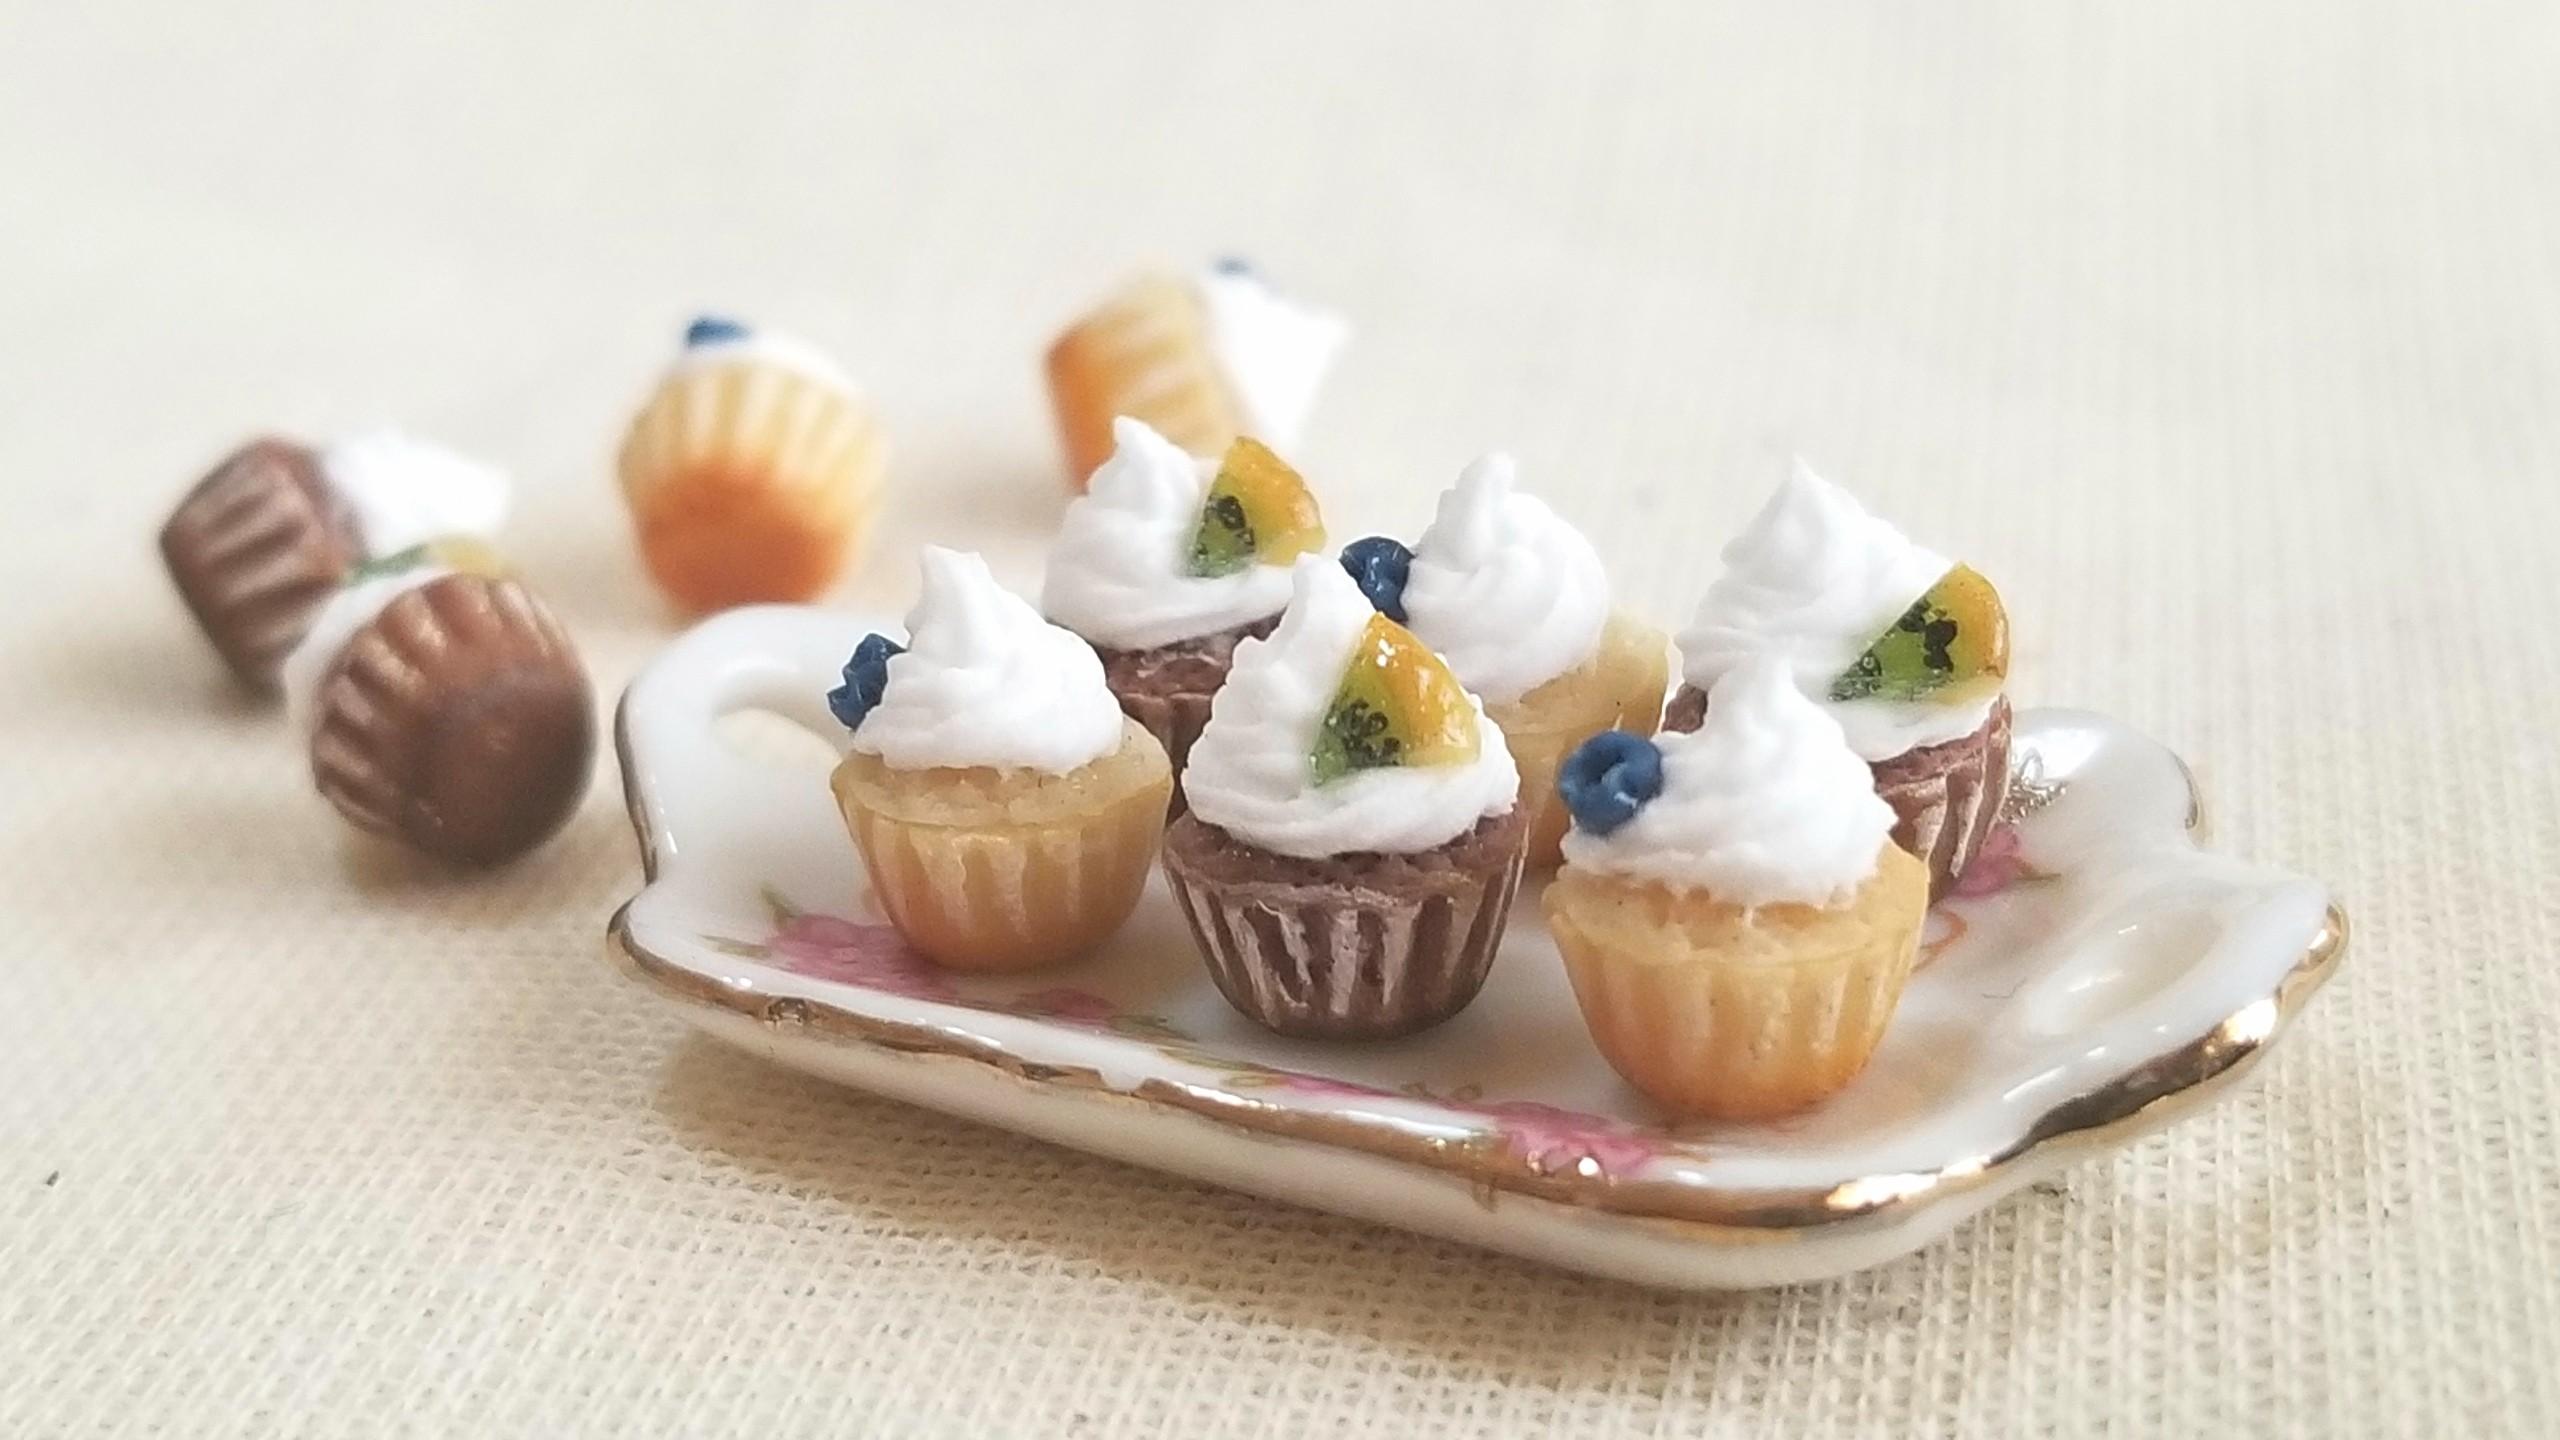 ちびカップケーキ,ミニチュアフード,樹脂粘土,フェイクスイーツ